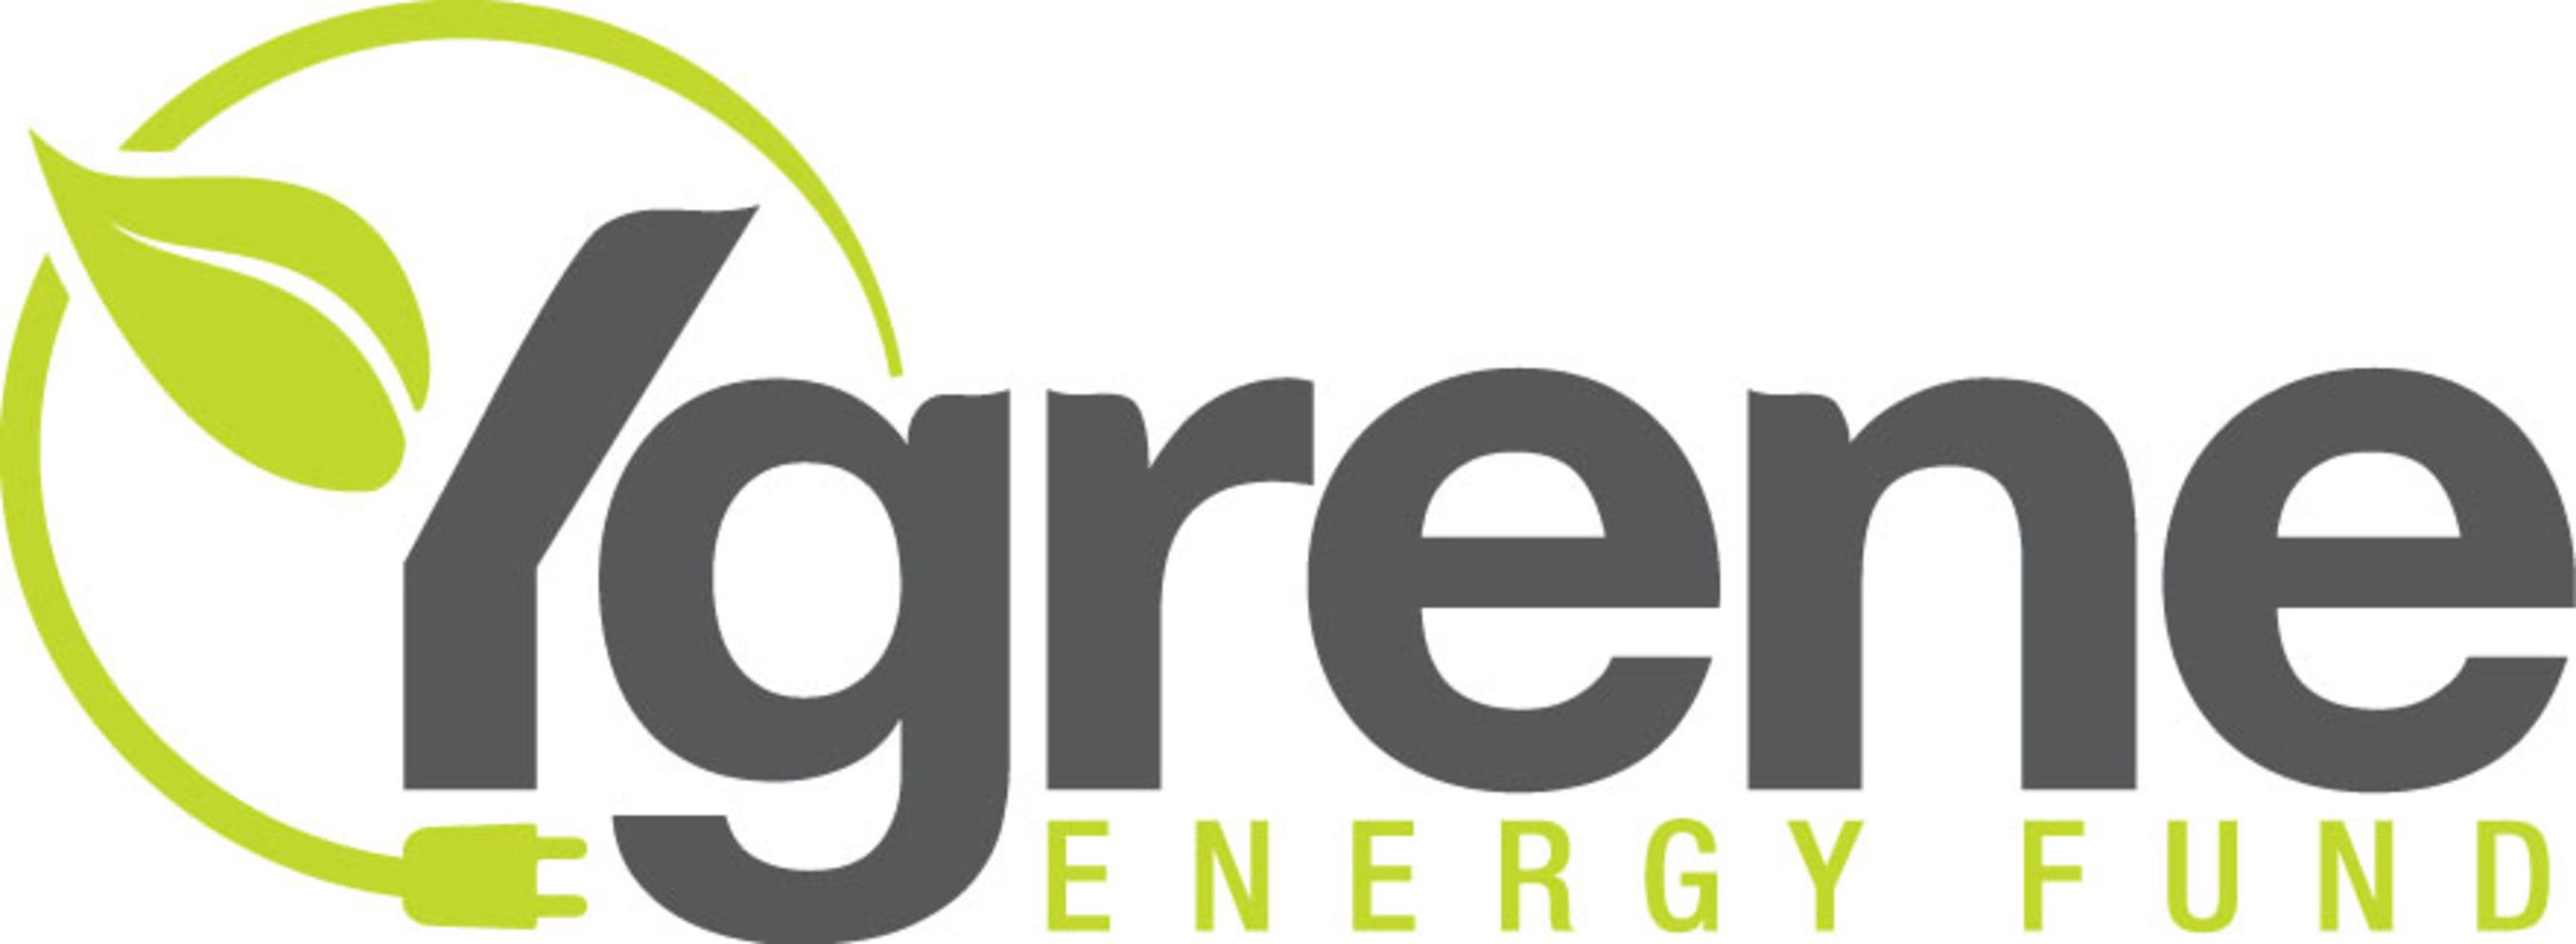 Ygrene Energy Contractor